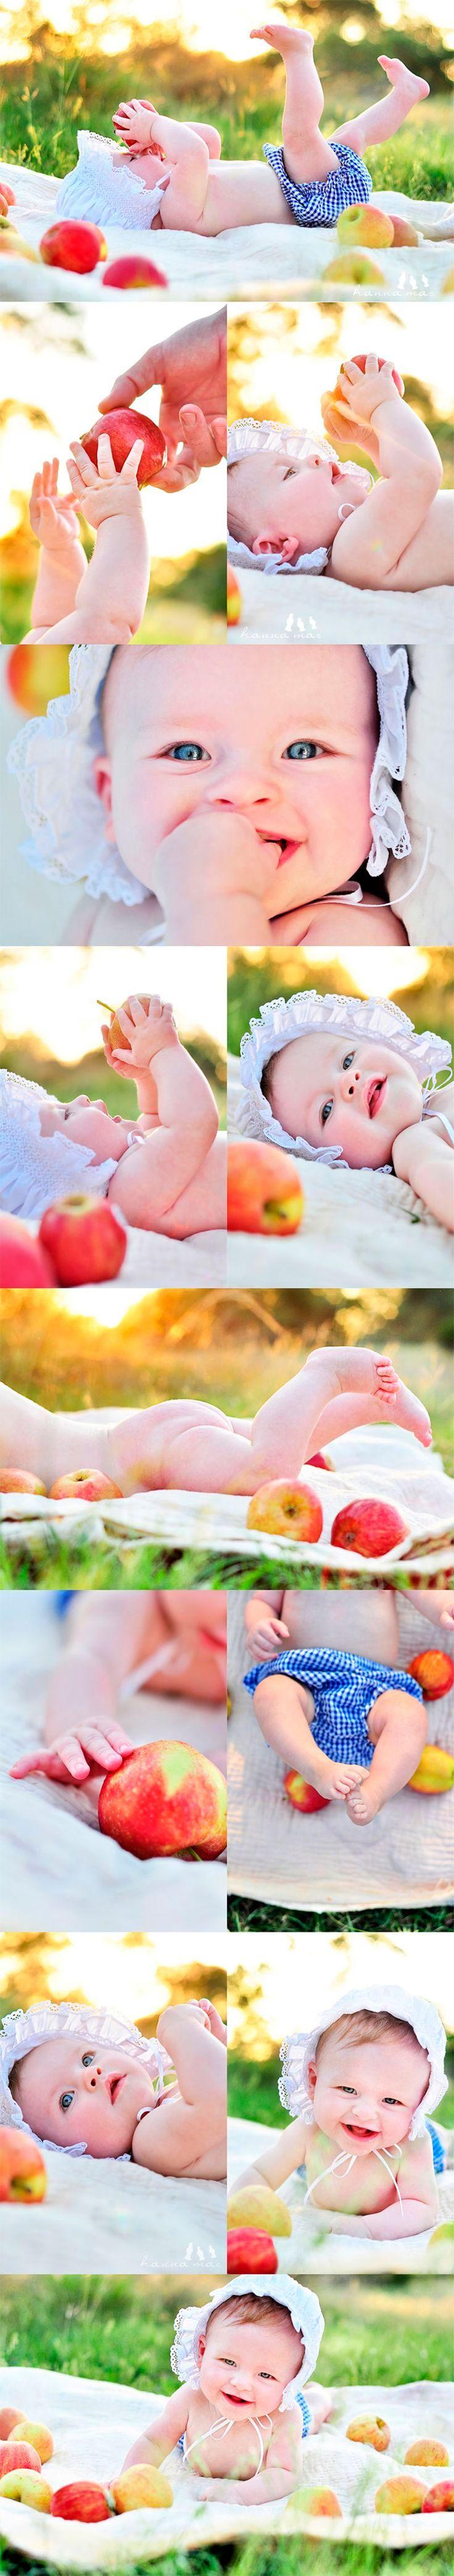 Ideias de como tirar foto de bebê-11                                                                                                                                                                                 Mais